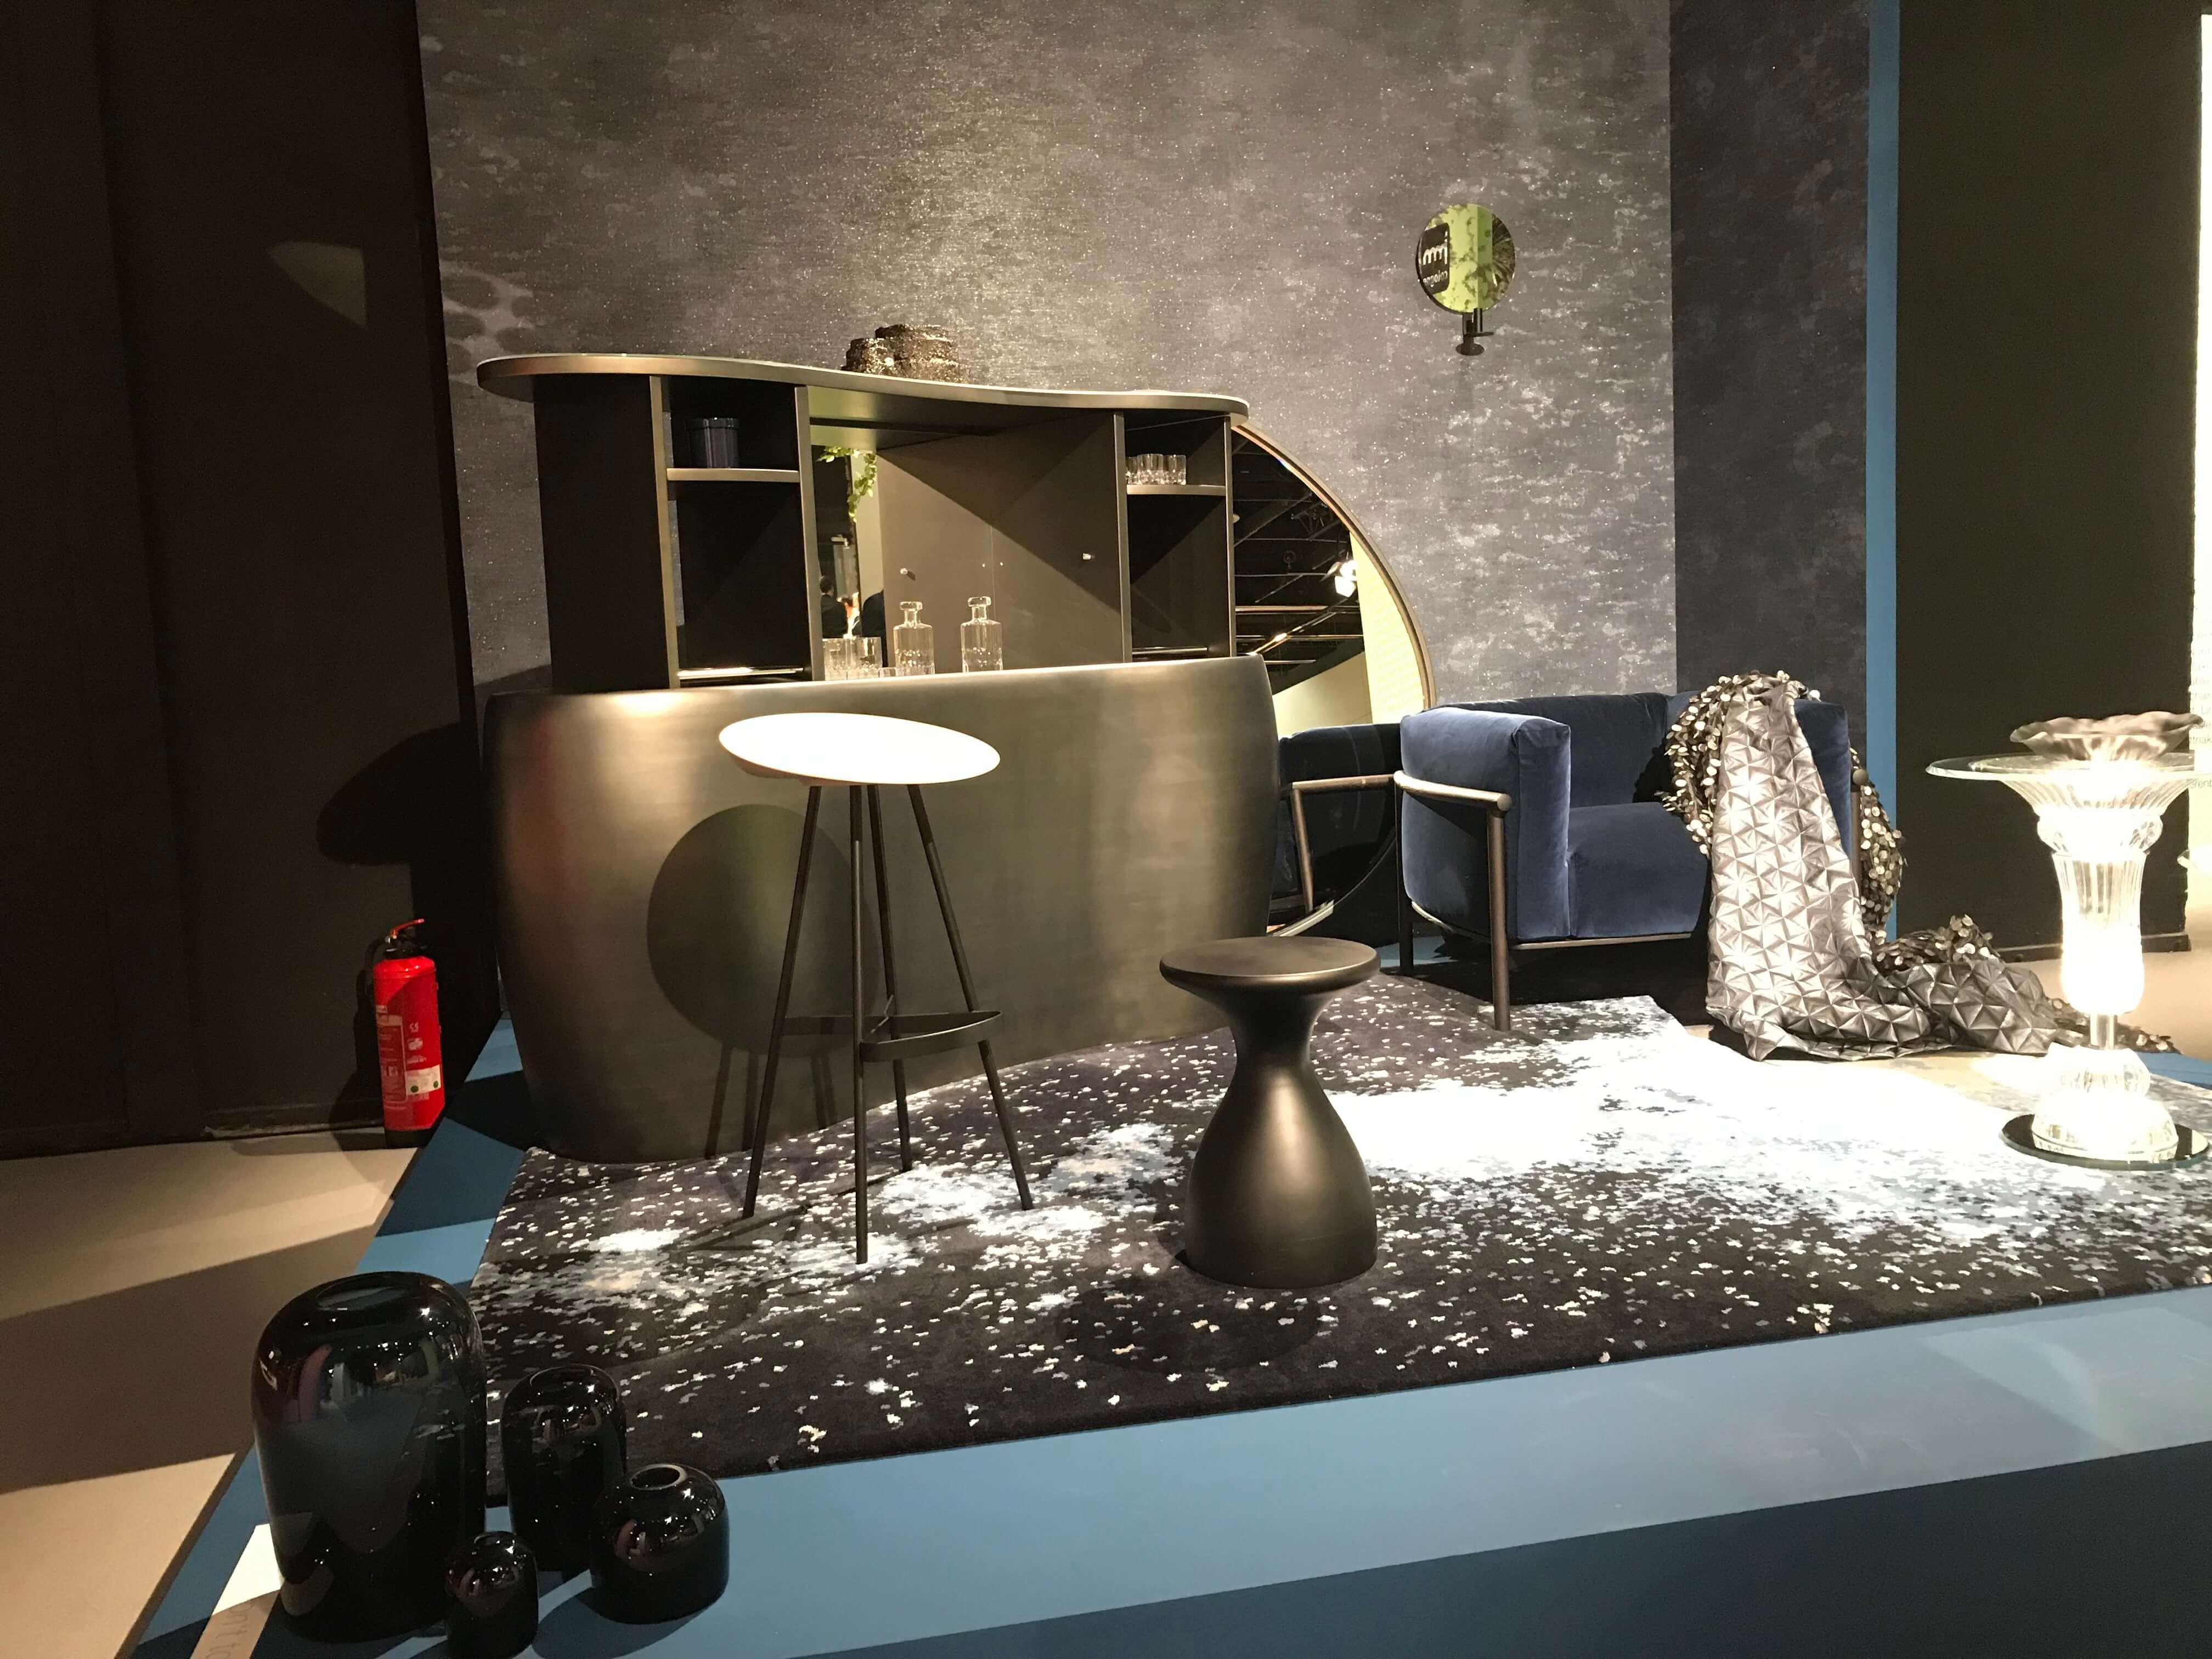 Bar samt Barhocker und Sofa: Perfekt für ein modernes Herrenzimmer